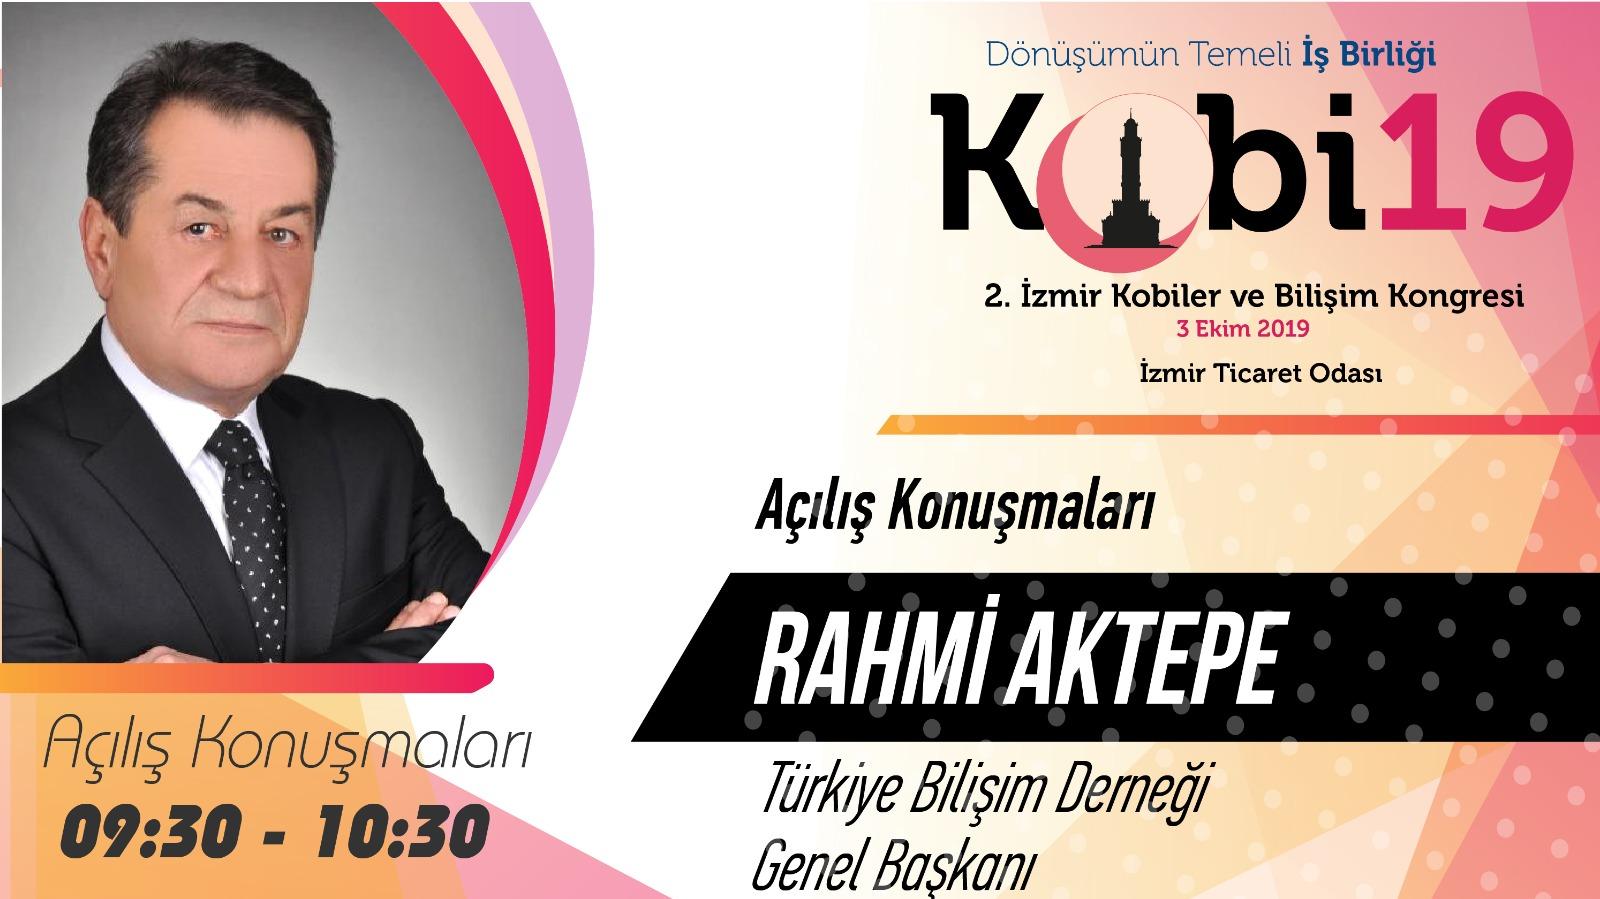 Rahmi AKTEPE - 2. İzmir Kobiler ve Bilişim Kongresi 2019